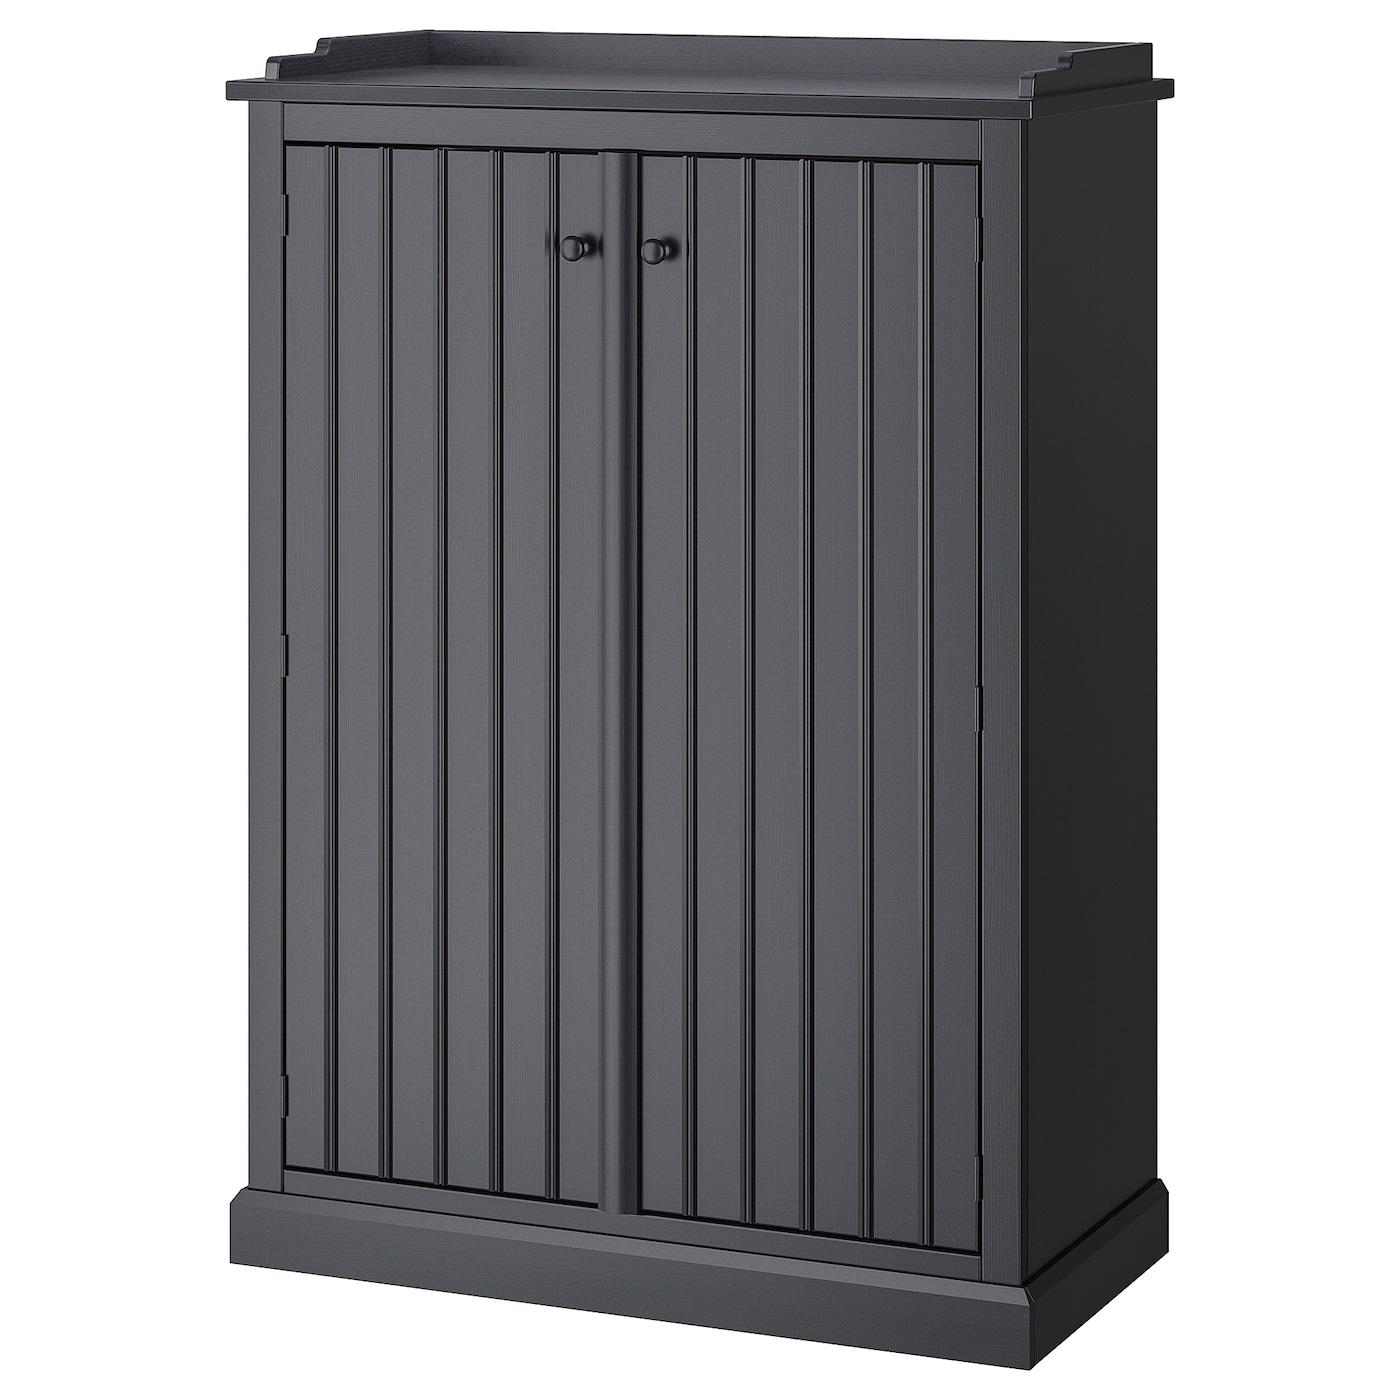 Full Size of Arkelstorp Sideboard Black Ikea Modulküche Miniküche Küche Kosten Betten Bei Mit Arbeitsplatte 160x200 Wohnzimmer Kaufen Sofa Schlaffunktion Wohnzimmer Ikea Sideboard